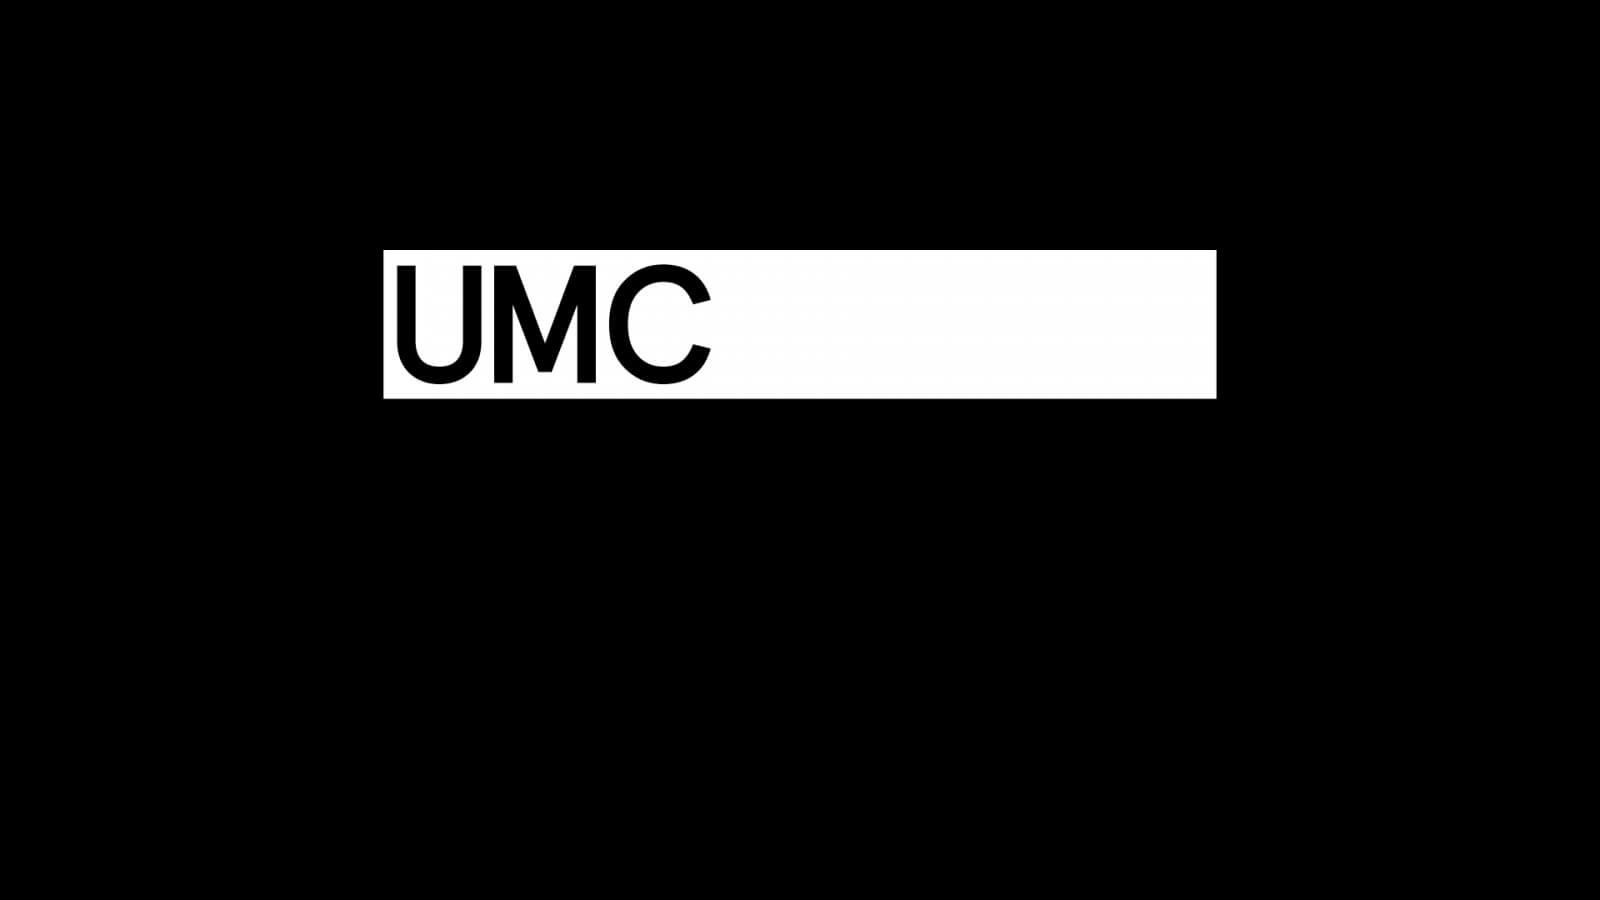 UMC_Rebrand4